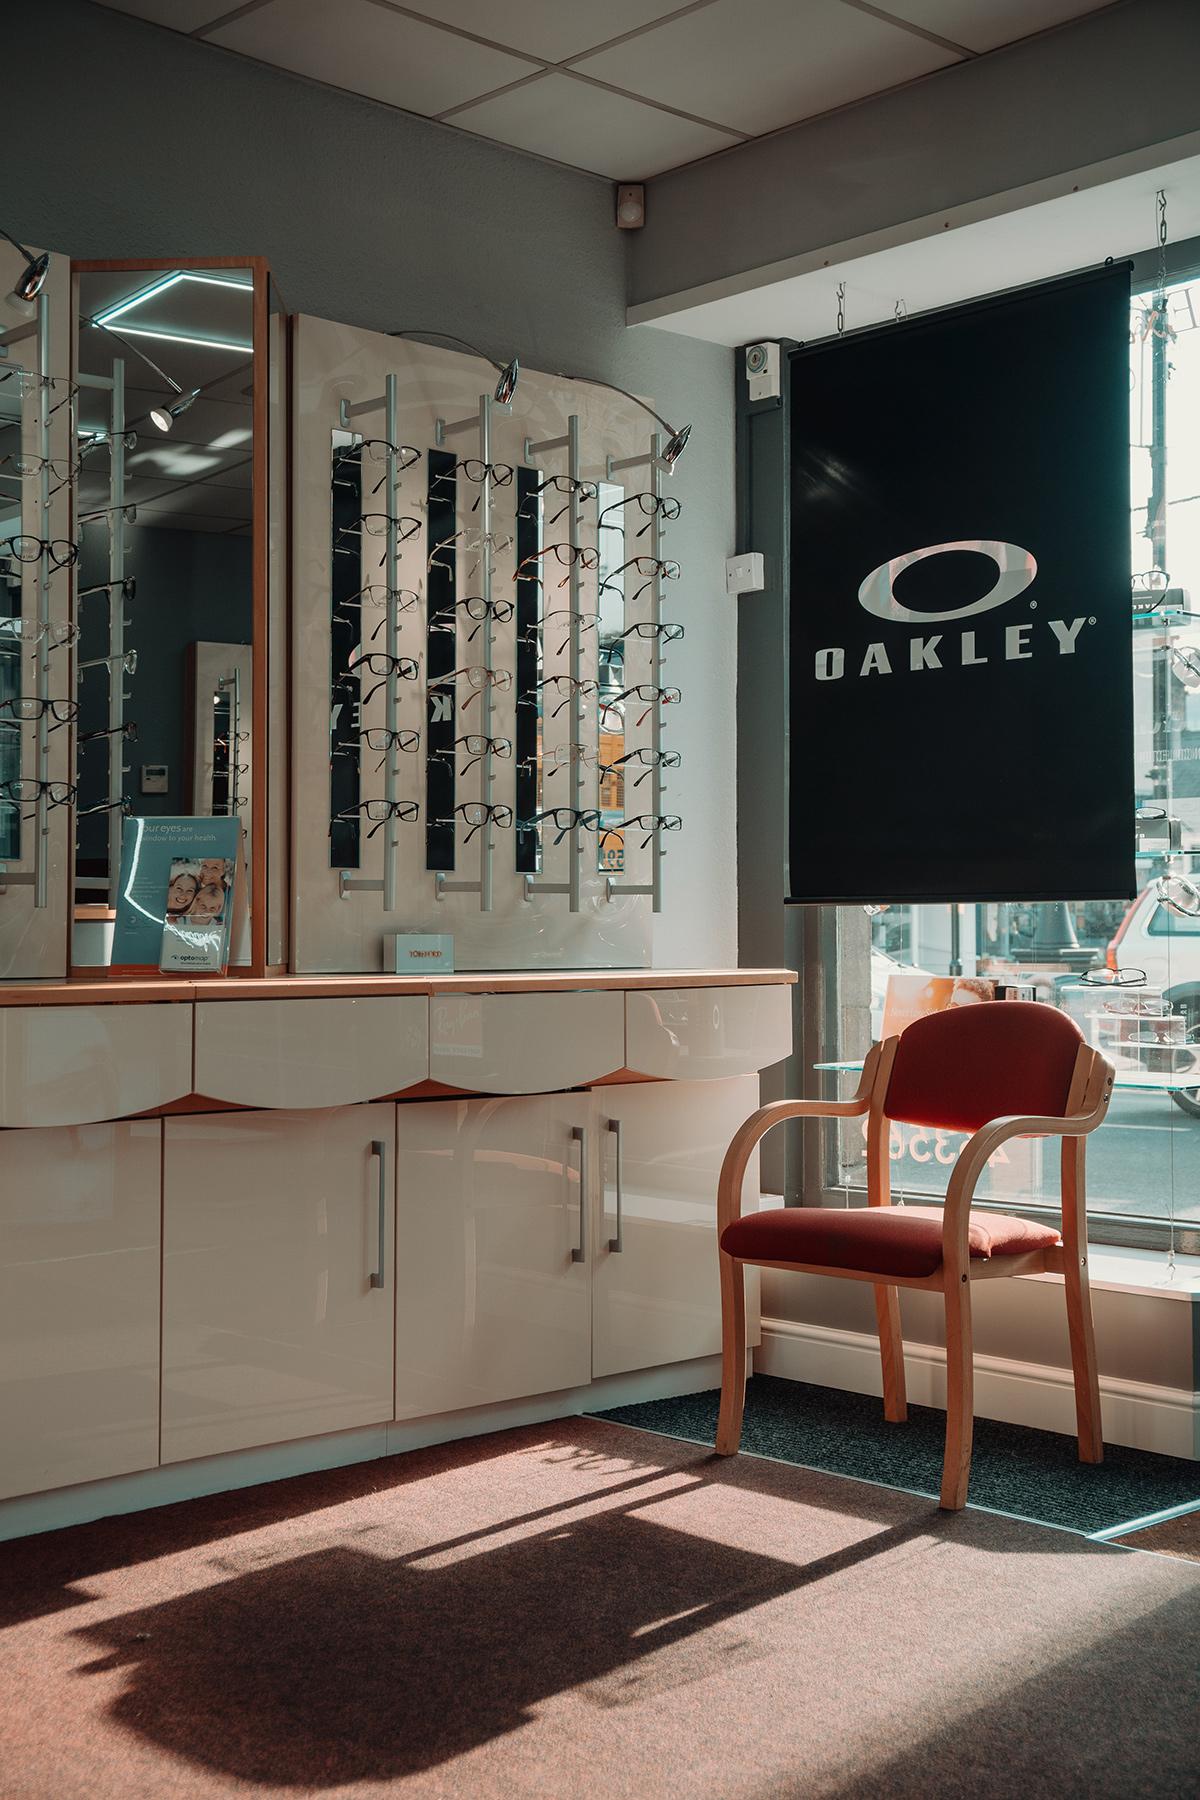 Sydney Goldwyn Opticians Otley (Formerly Verity Opticians)